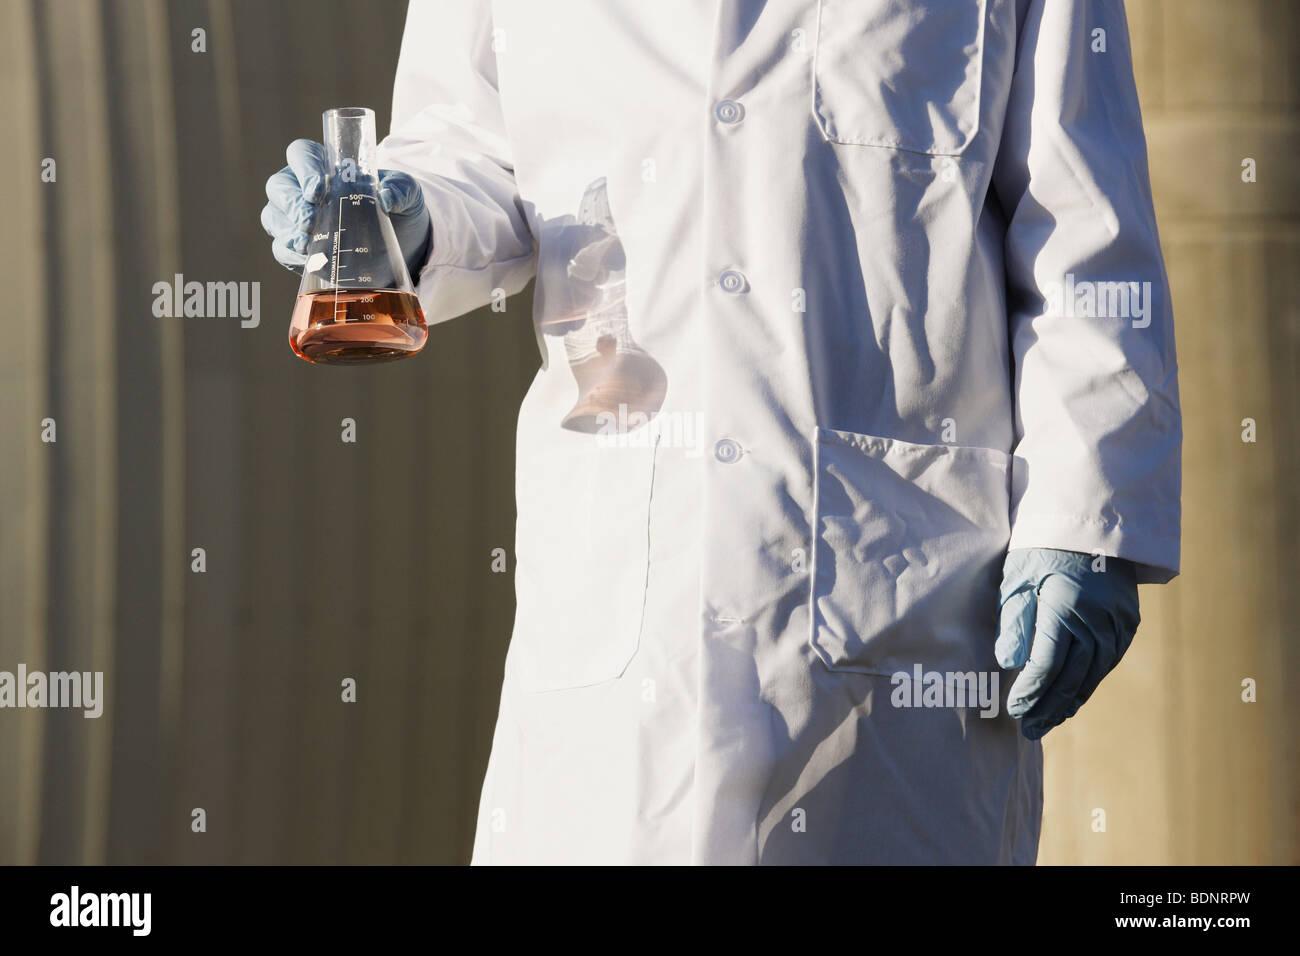 Wissenschaftler halten eine Flasche Wasserprobe Stockbild